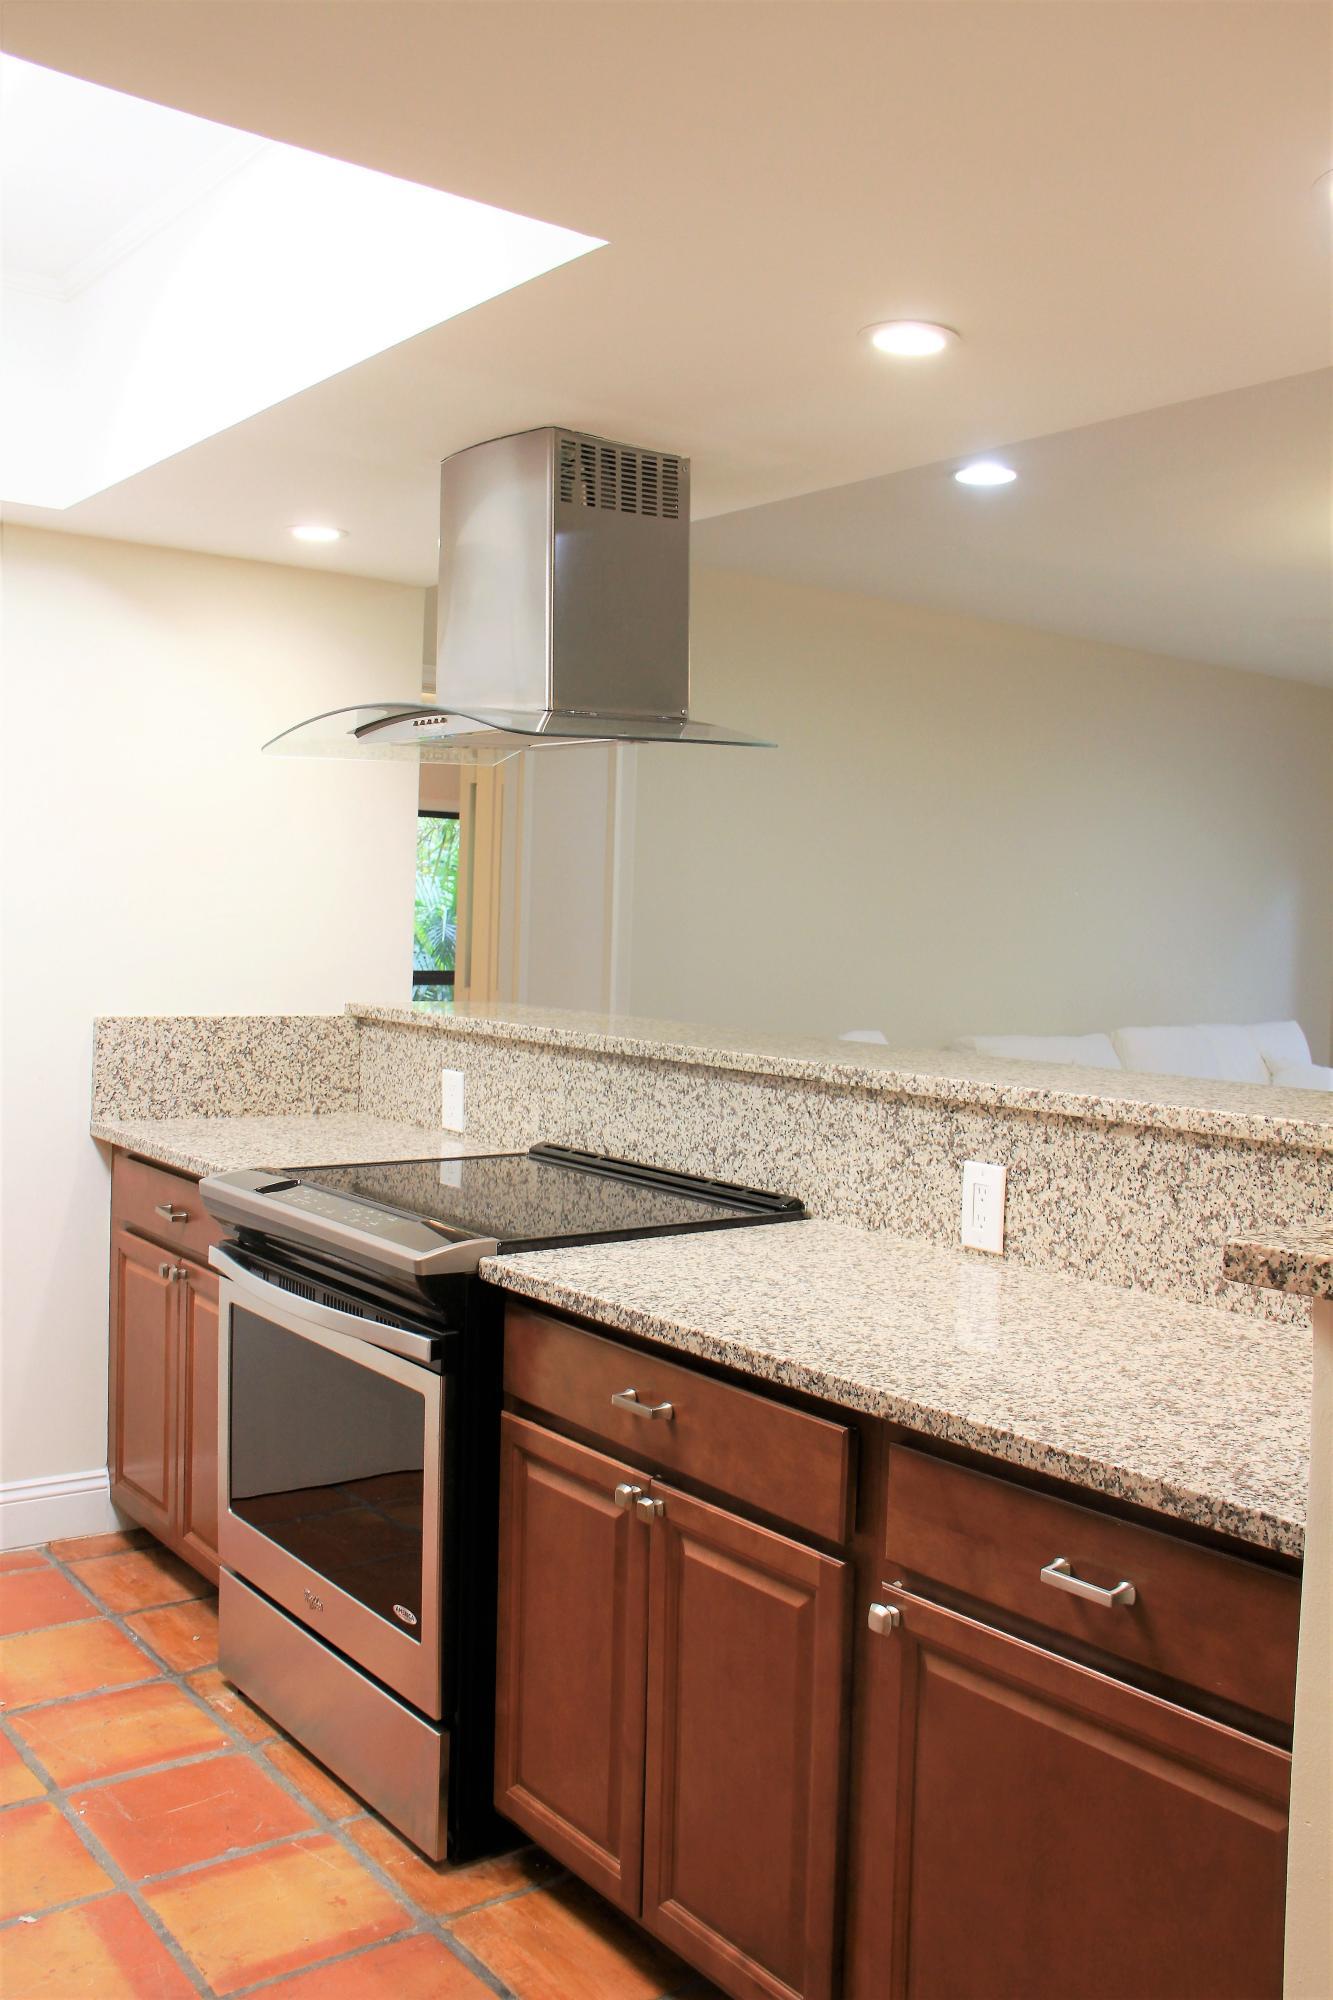 13334 Polo Club Road, Wellington, Florida 33414, 1 Bedroom Bedrooms, ,1 BathroomBathrooms,Condo/Coop,For Rent,Polo Club,2,RX-10523469